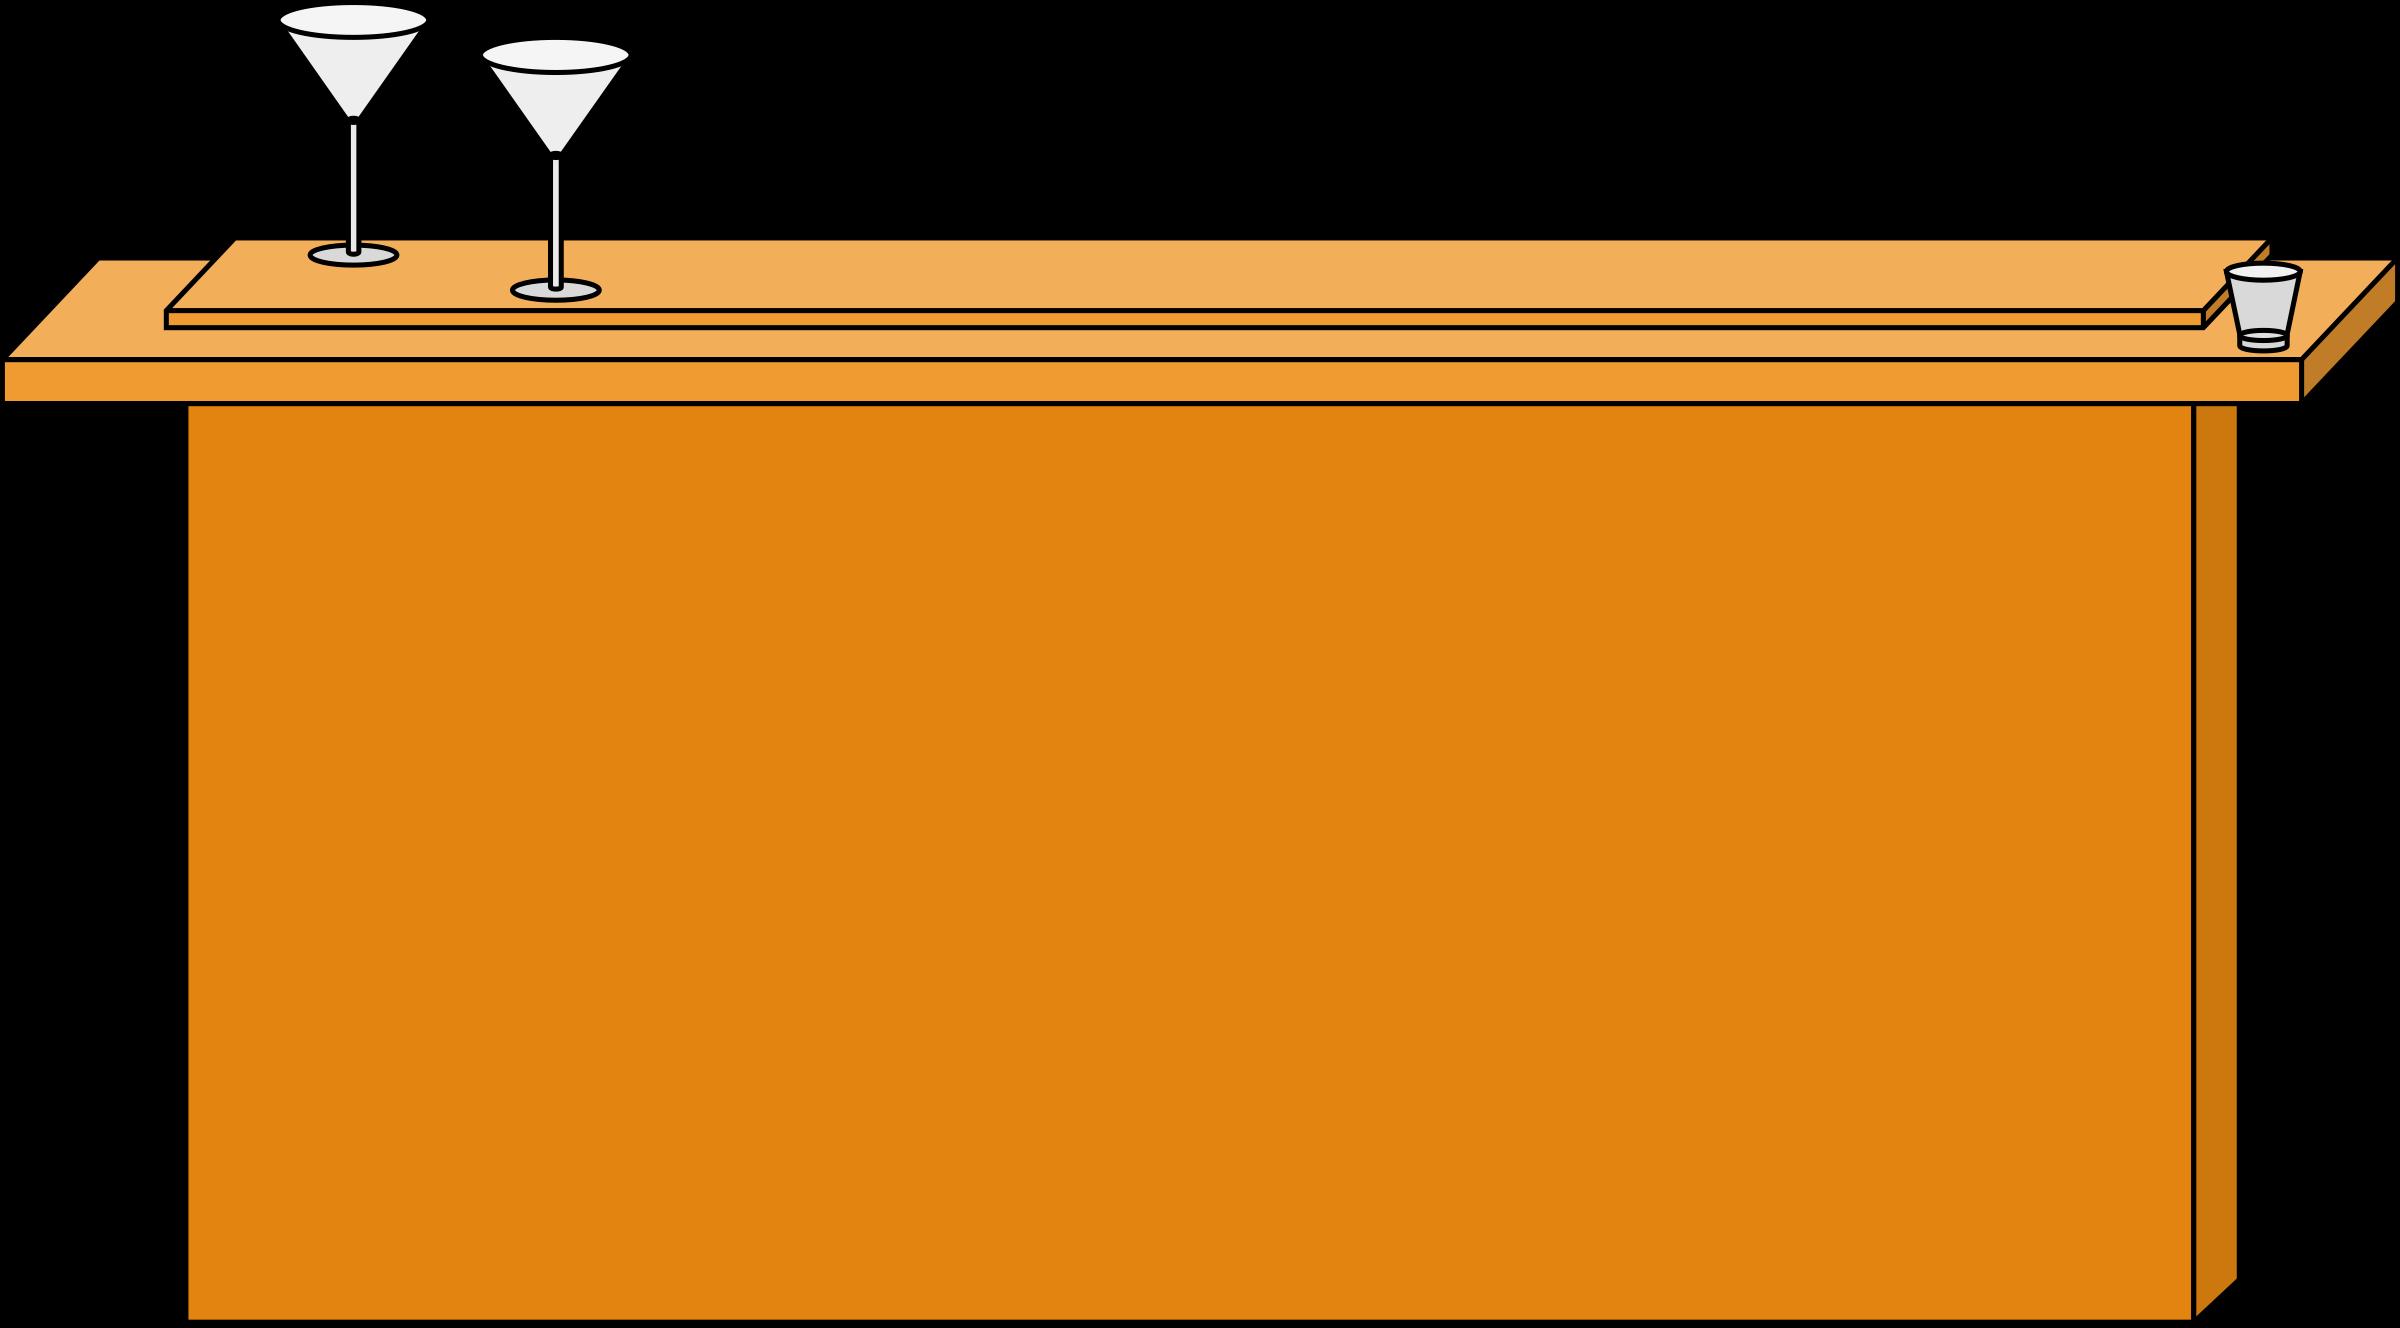 Bar clipart. Wooden big image png